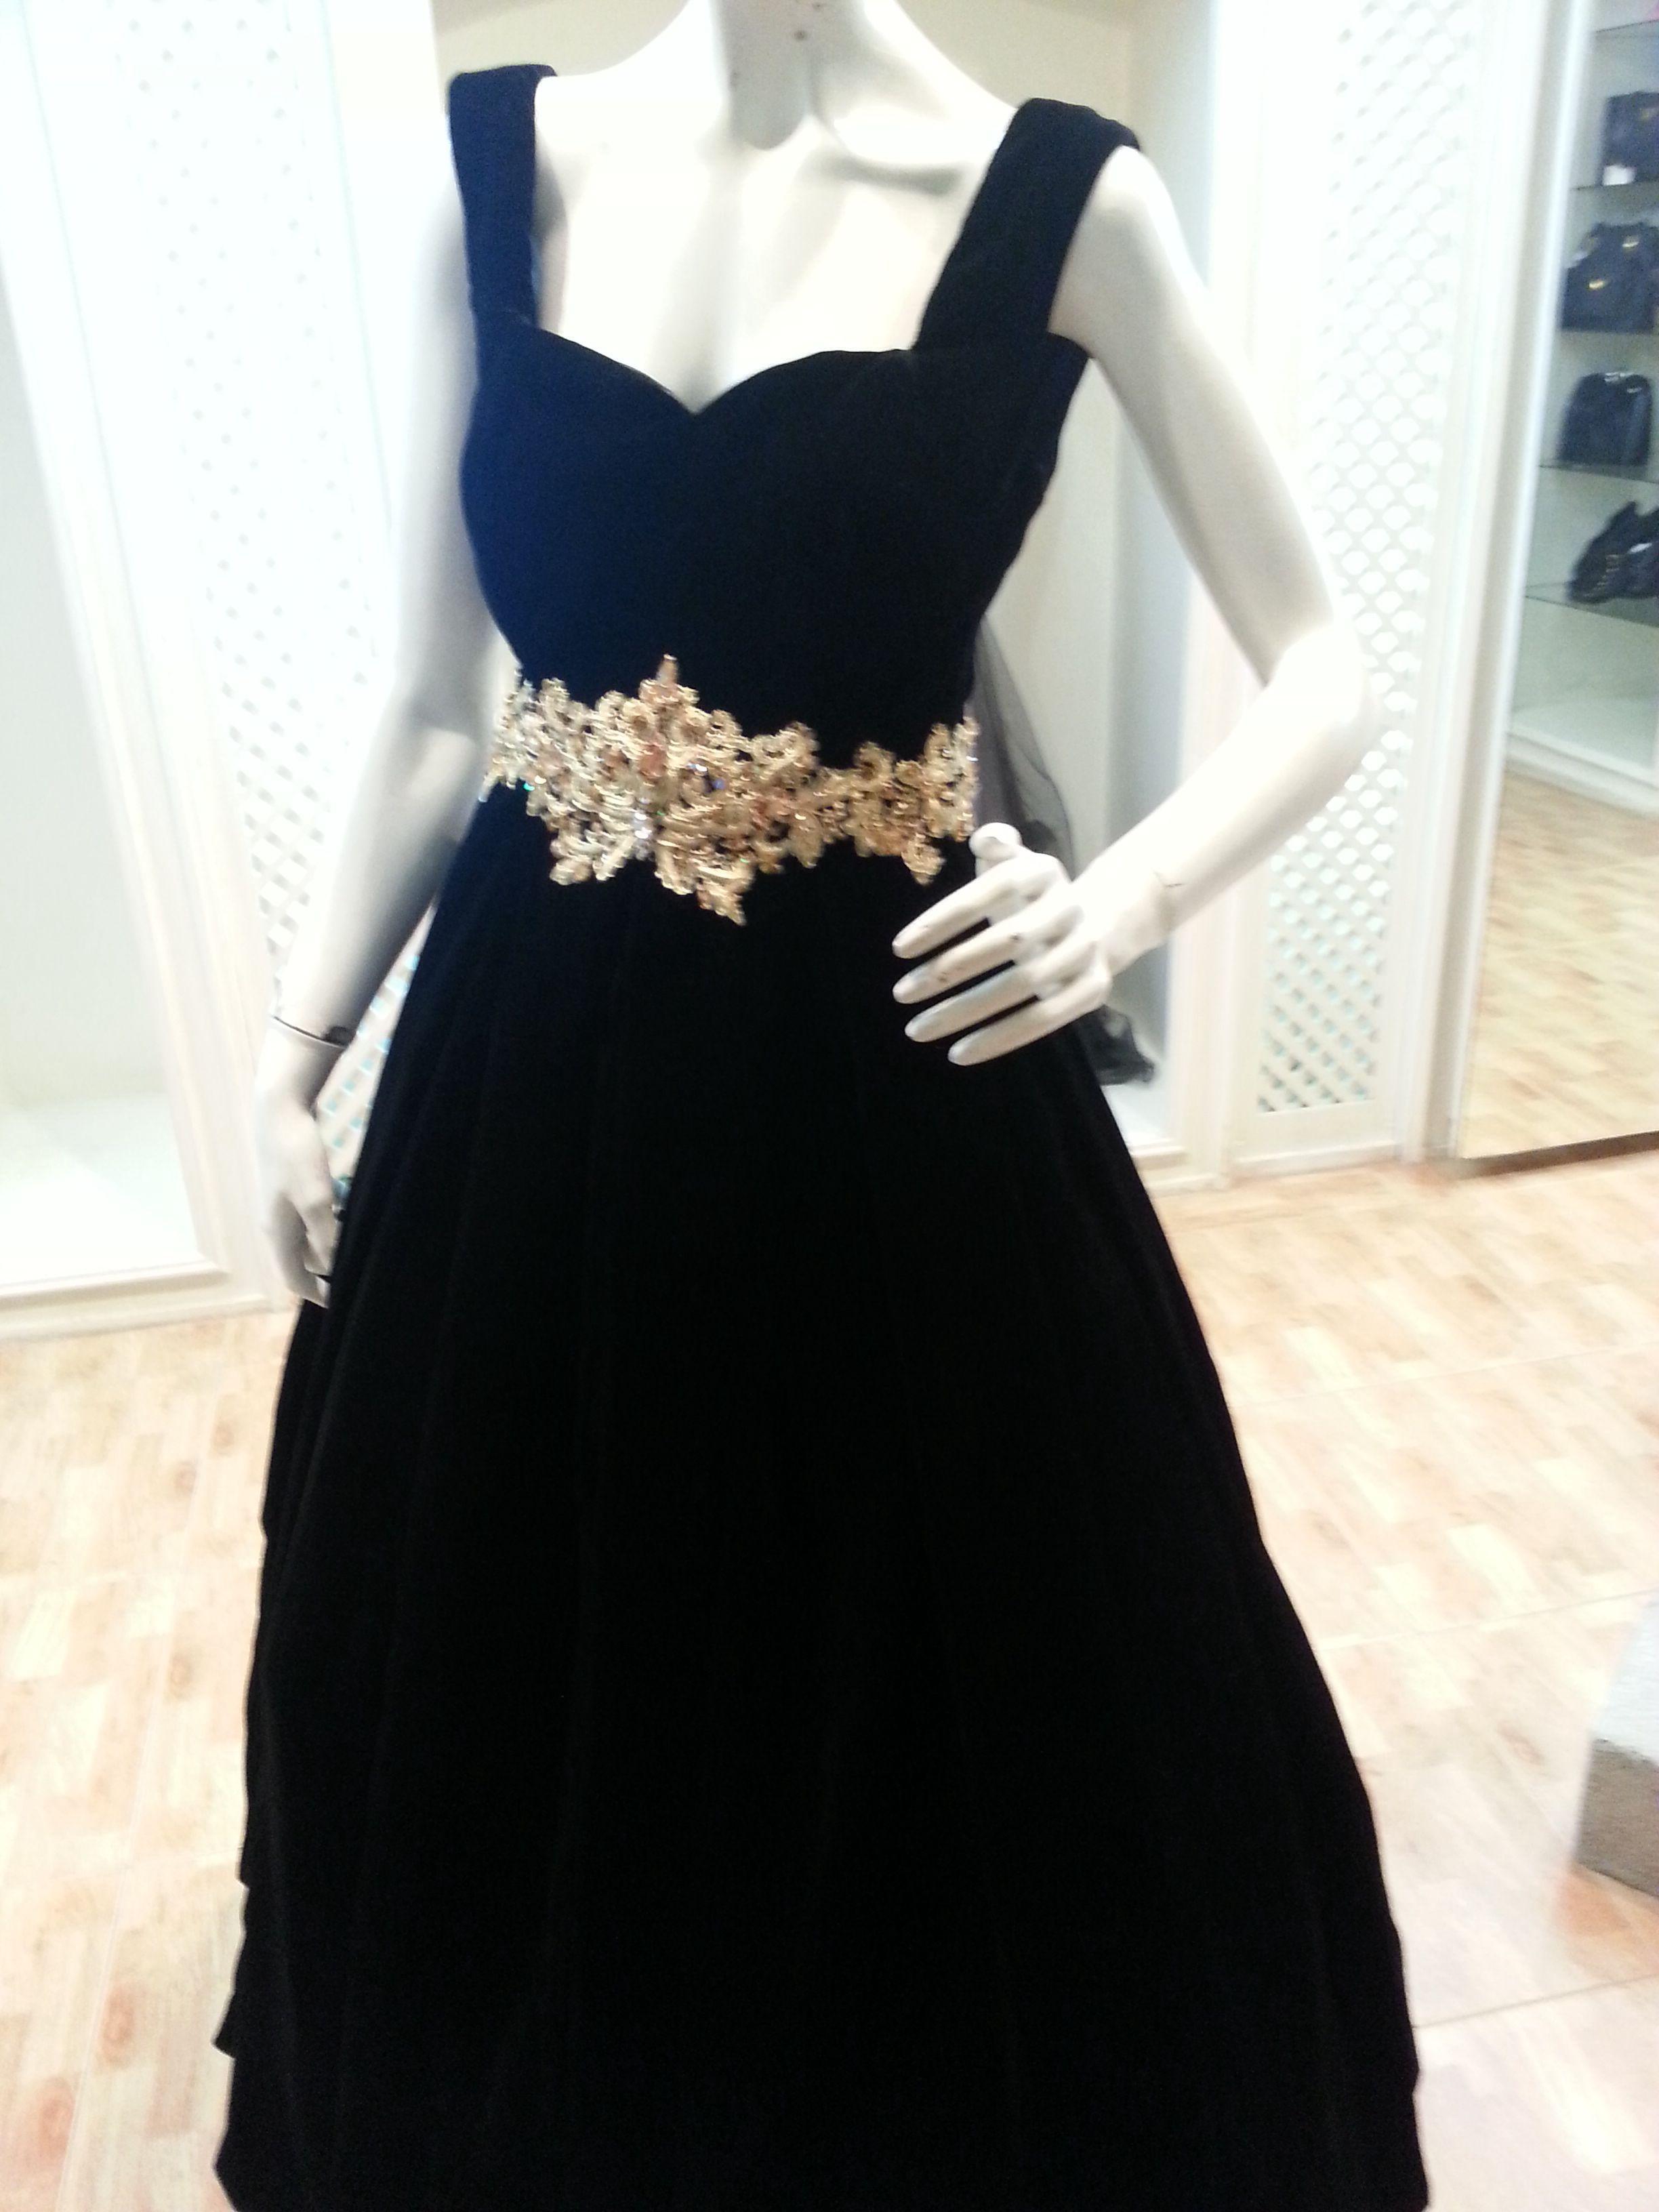 مخمل اسود مع حزام من خيوط الذهب رائع شمعة الجزيرة للازياء 0504407092 Formal Dresses Sleeveless Formal Dress Little Black Dress